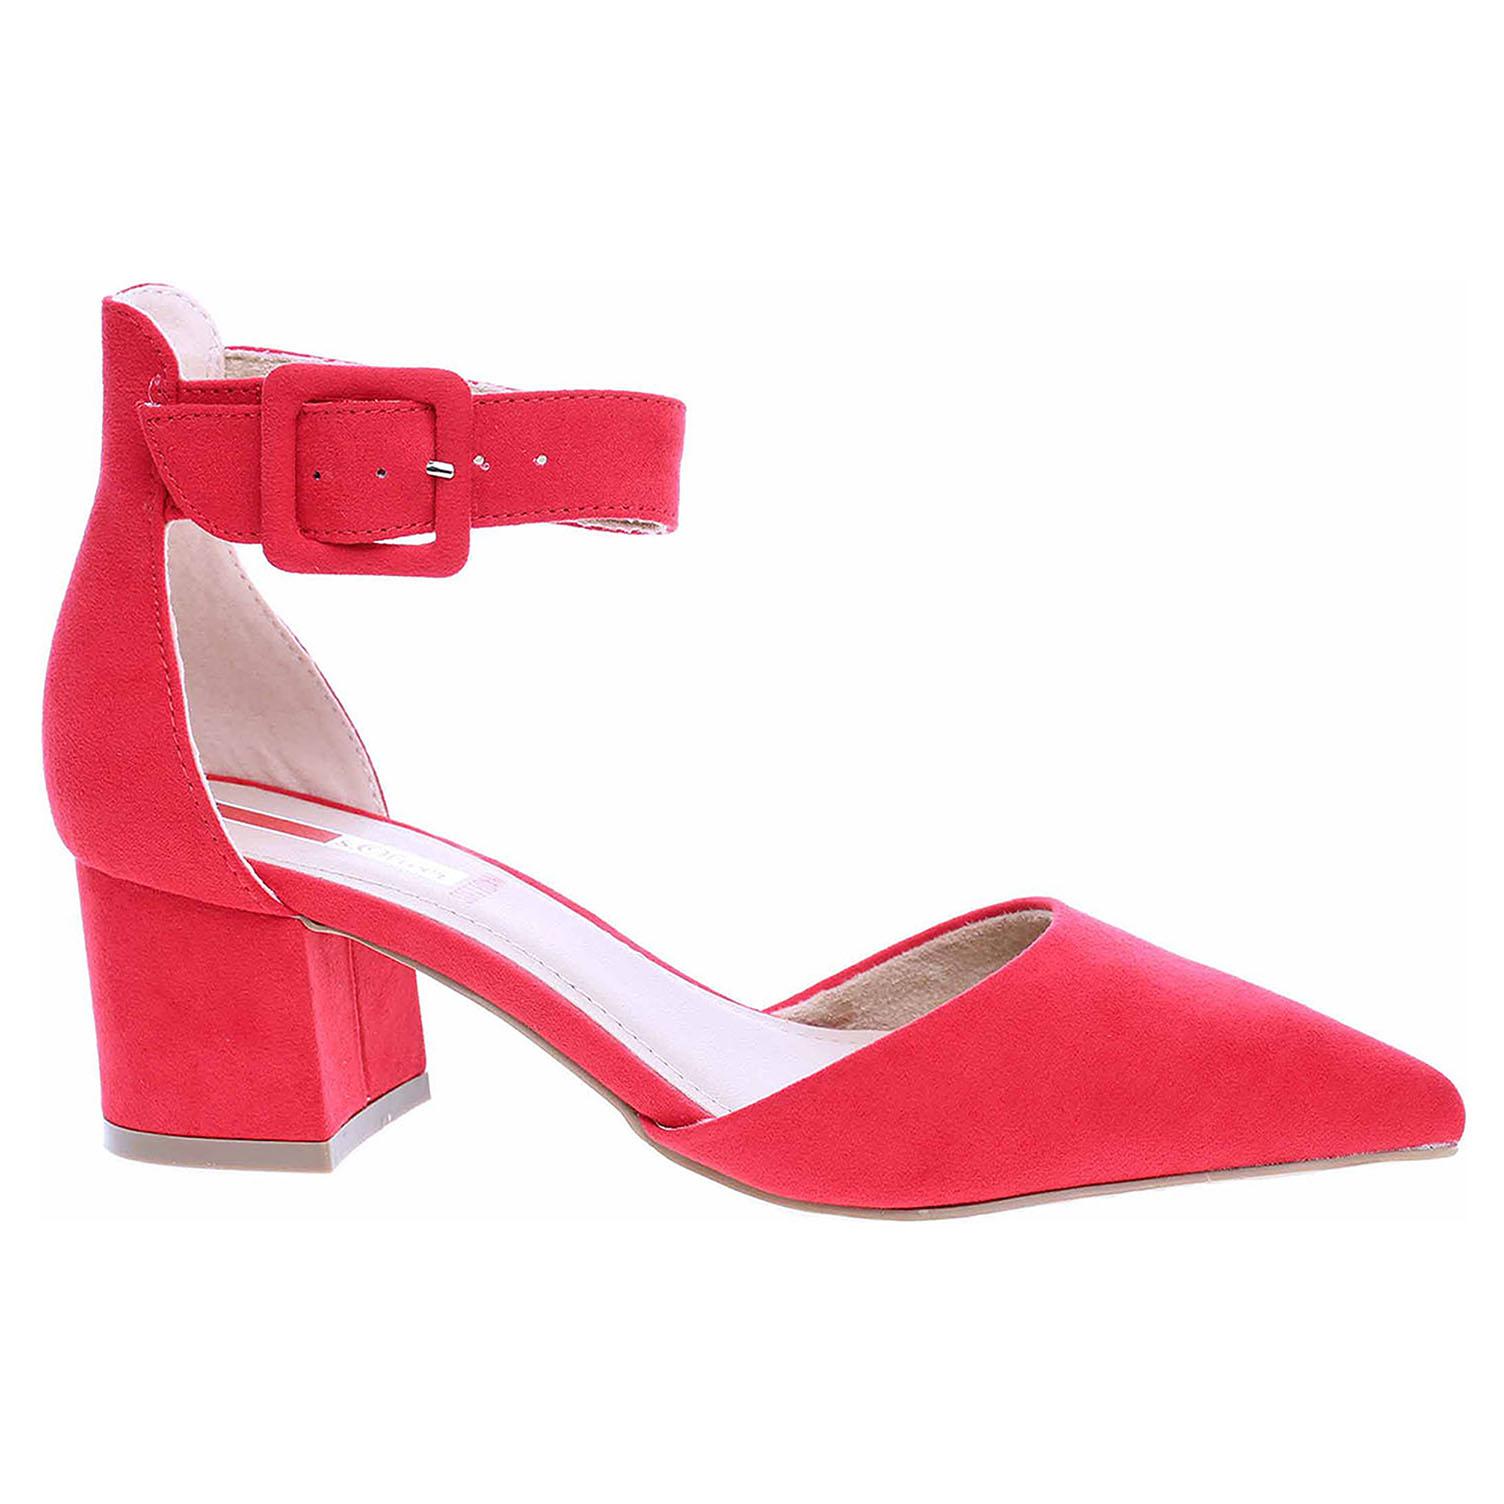 Dámská společenská obuv s.Oliver 5-24407-24 red 5-5-24407-24 500 39